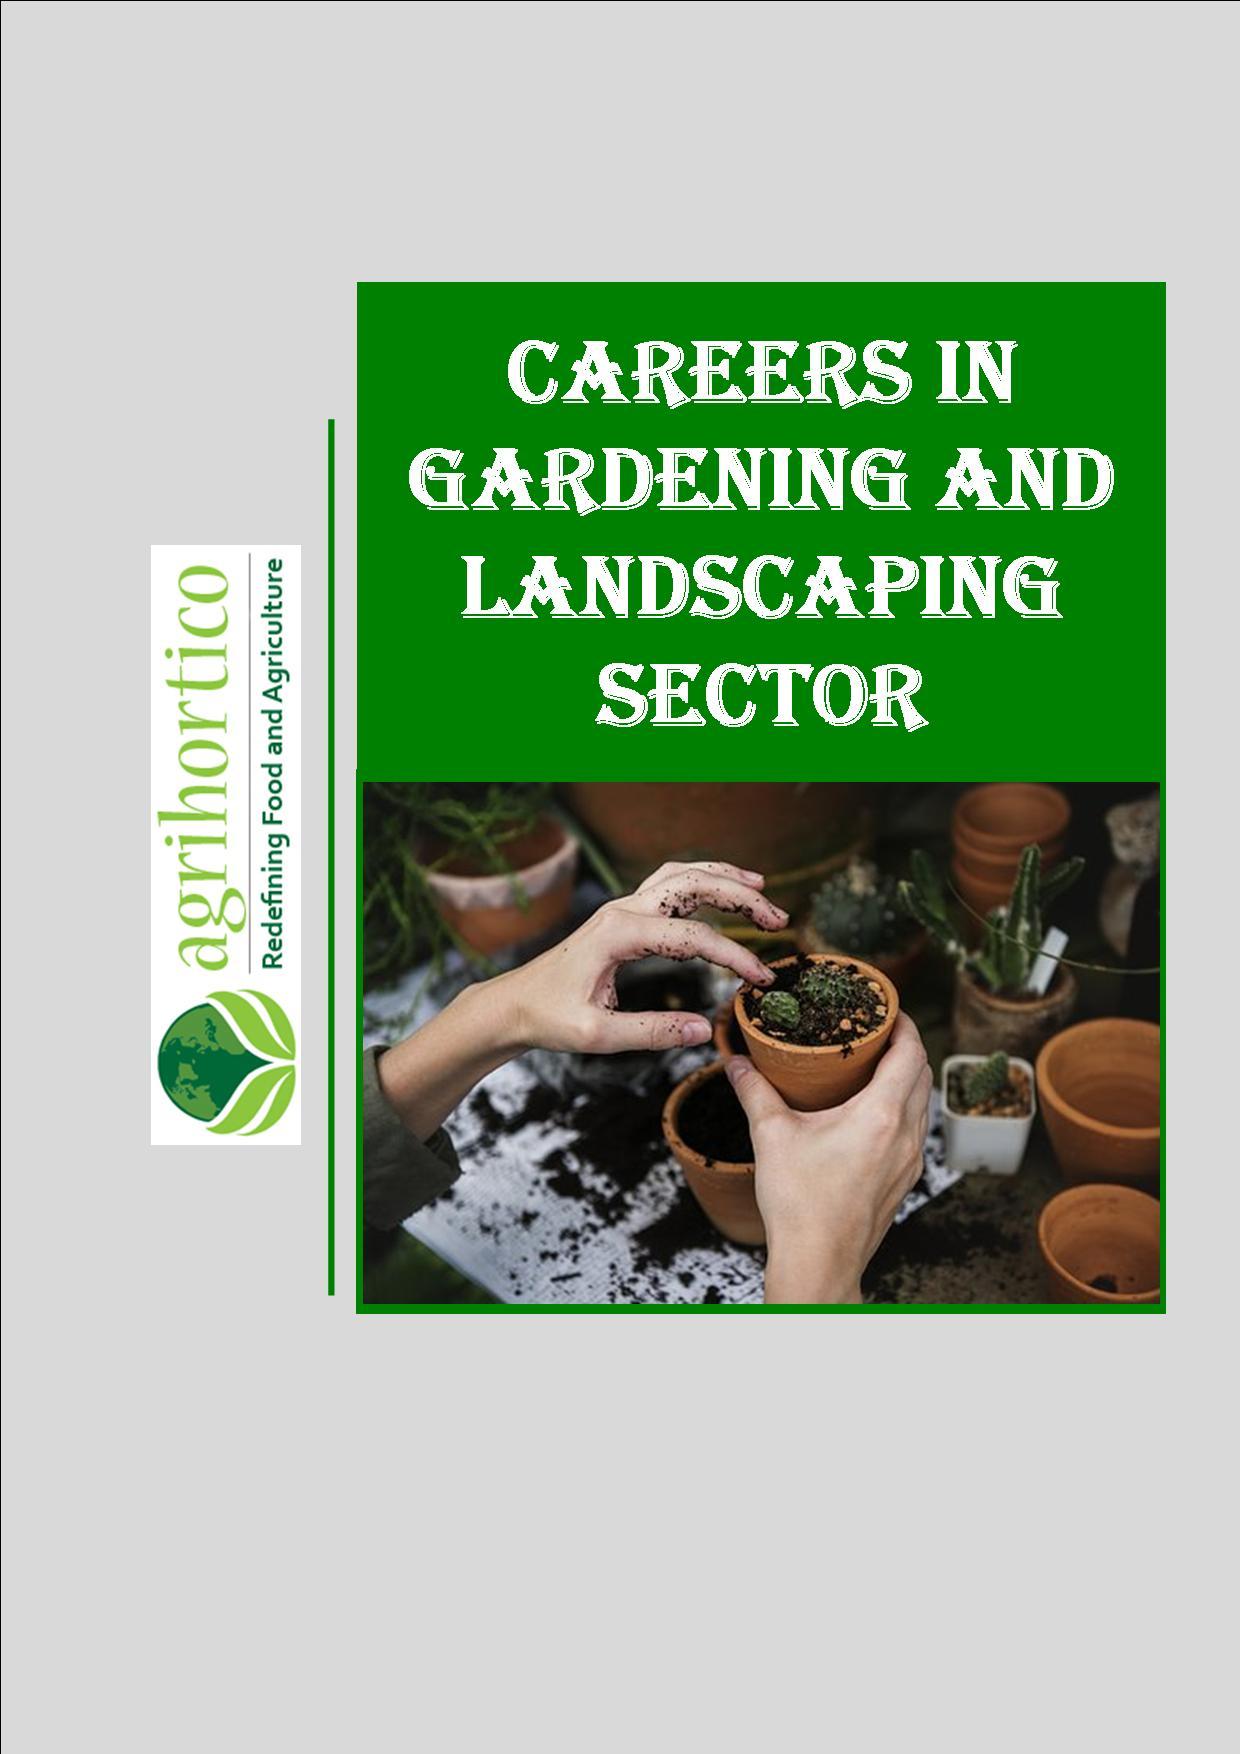 career-in-gardening-sector